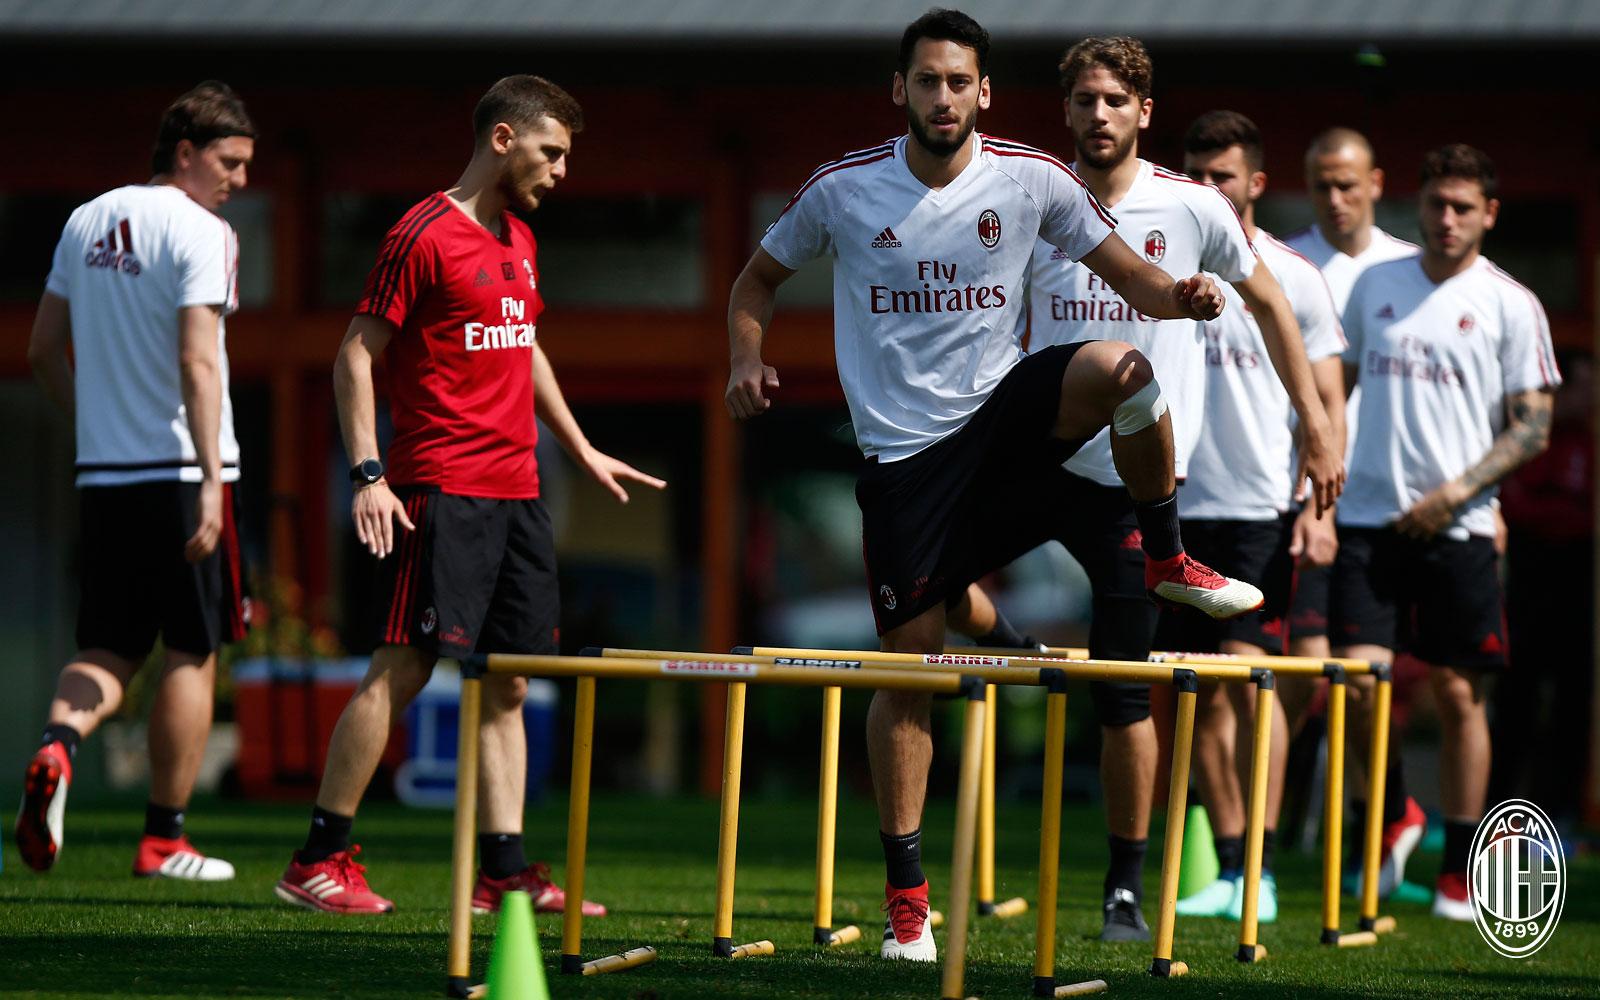 Hakan Çalhanoğlu during training at Milanello. (@acmilan.com)